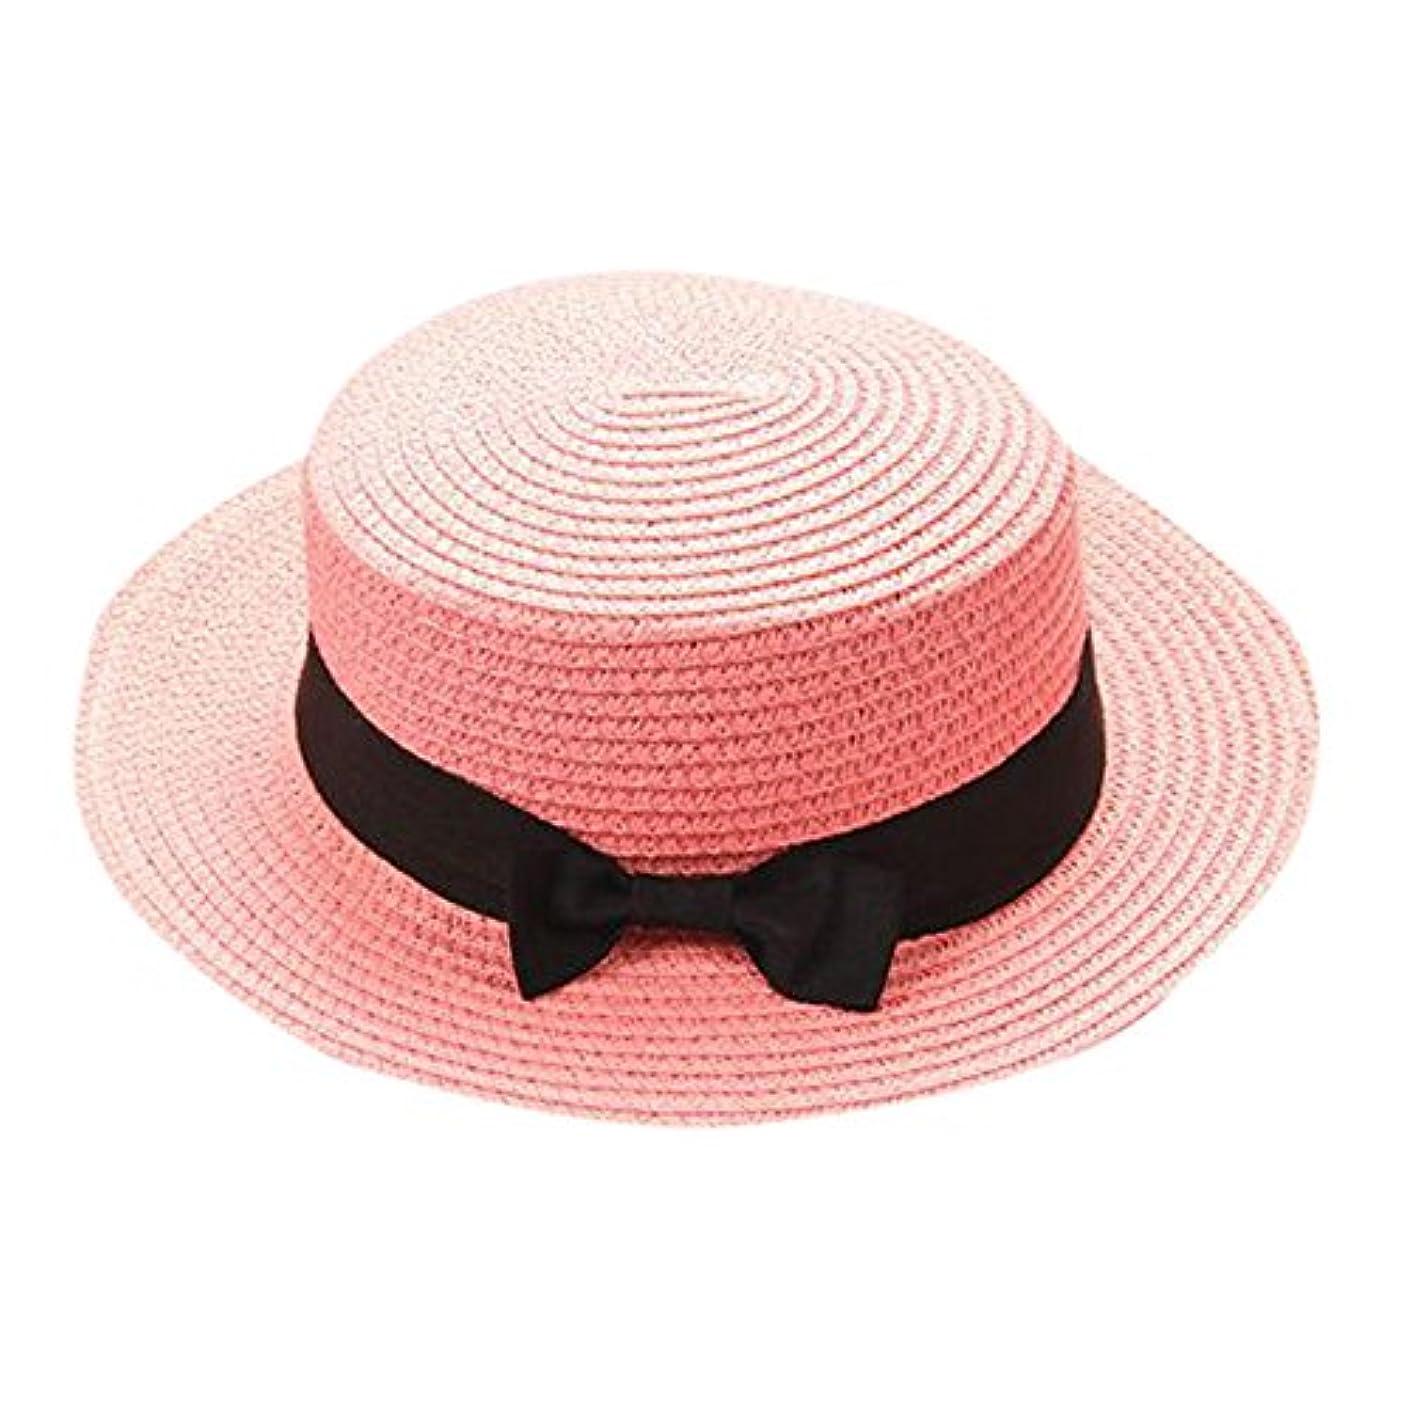 急性扱いやすい嵐のキャップ キッズ 日よけ 帽子 小顔効果抜群 旅行用 日よけ 夏 ビーチ 海辺 かわいい リゾート 紫外線対策 男女兼用 日焼け防止 熱中症予防 取り外すあご紐 つば広 おしゃれ 可愛い 夏 ROSE ROMAN